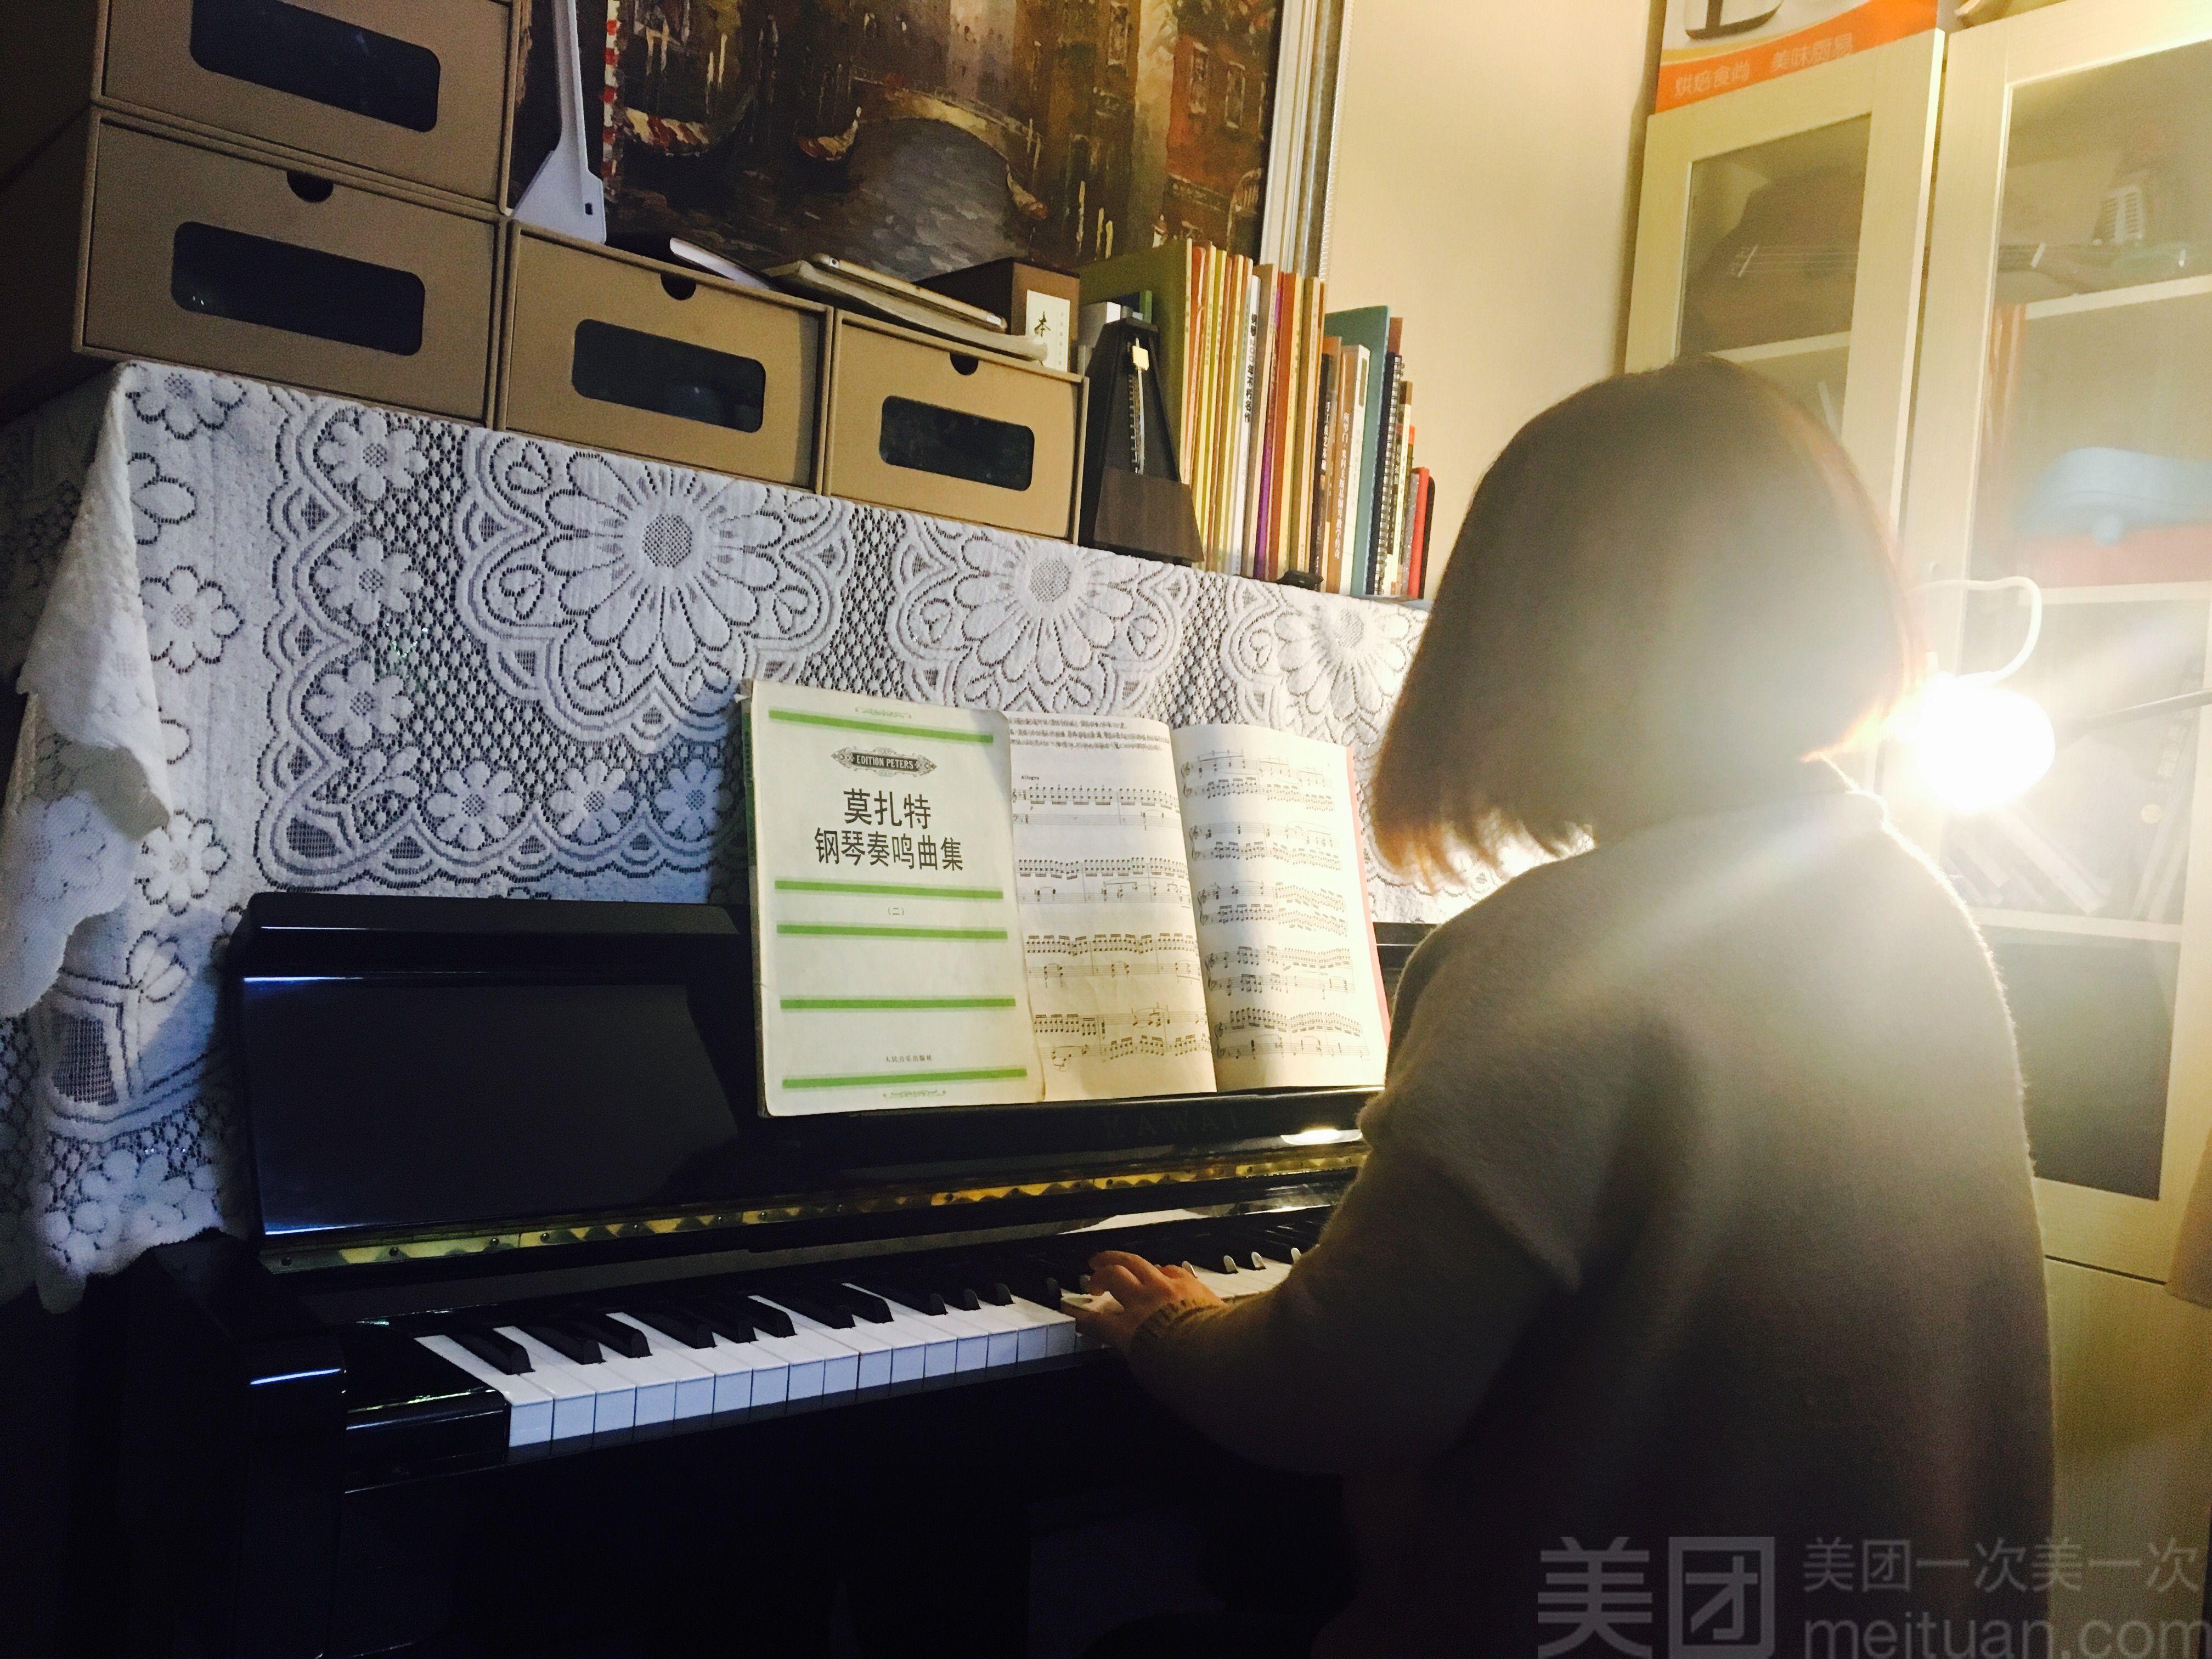 中原区 锦艺城 纽伦堡钢琴教室   购买须知 有效期 2017-06-27至2018